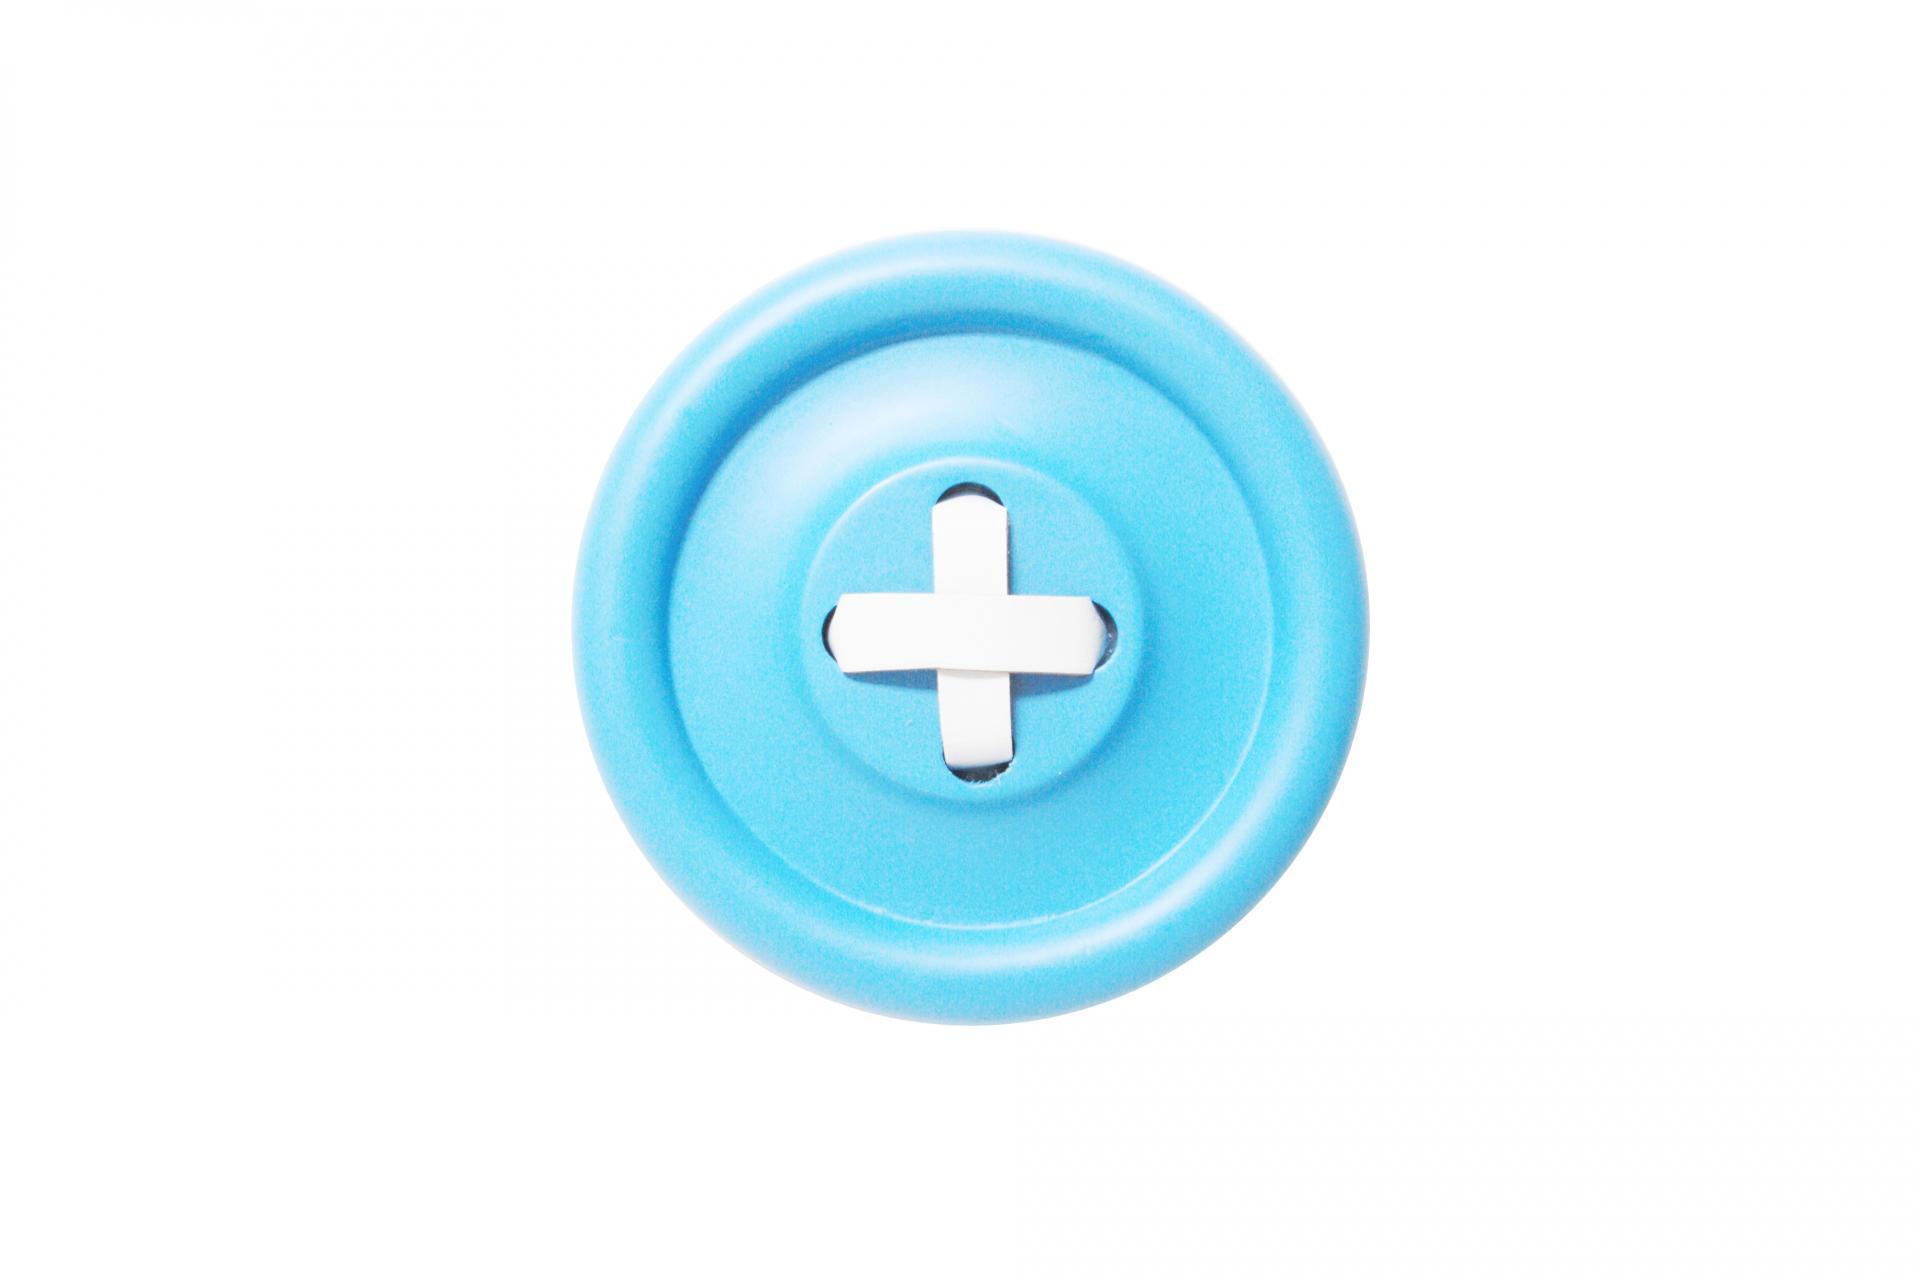 HK living Dřevěný věšák Button Blue/white 18 cm, modrá barva, dřevo